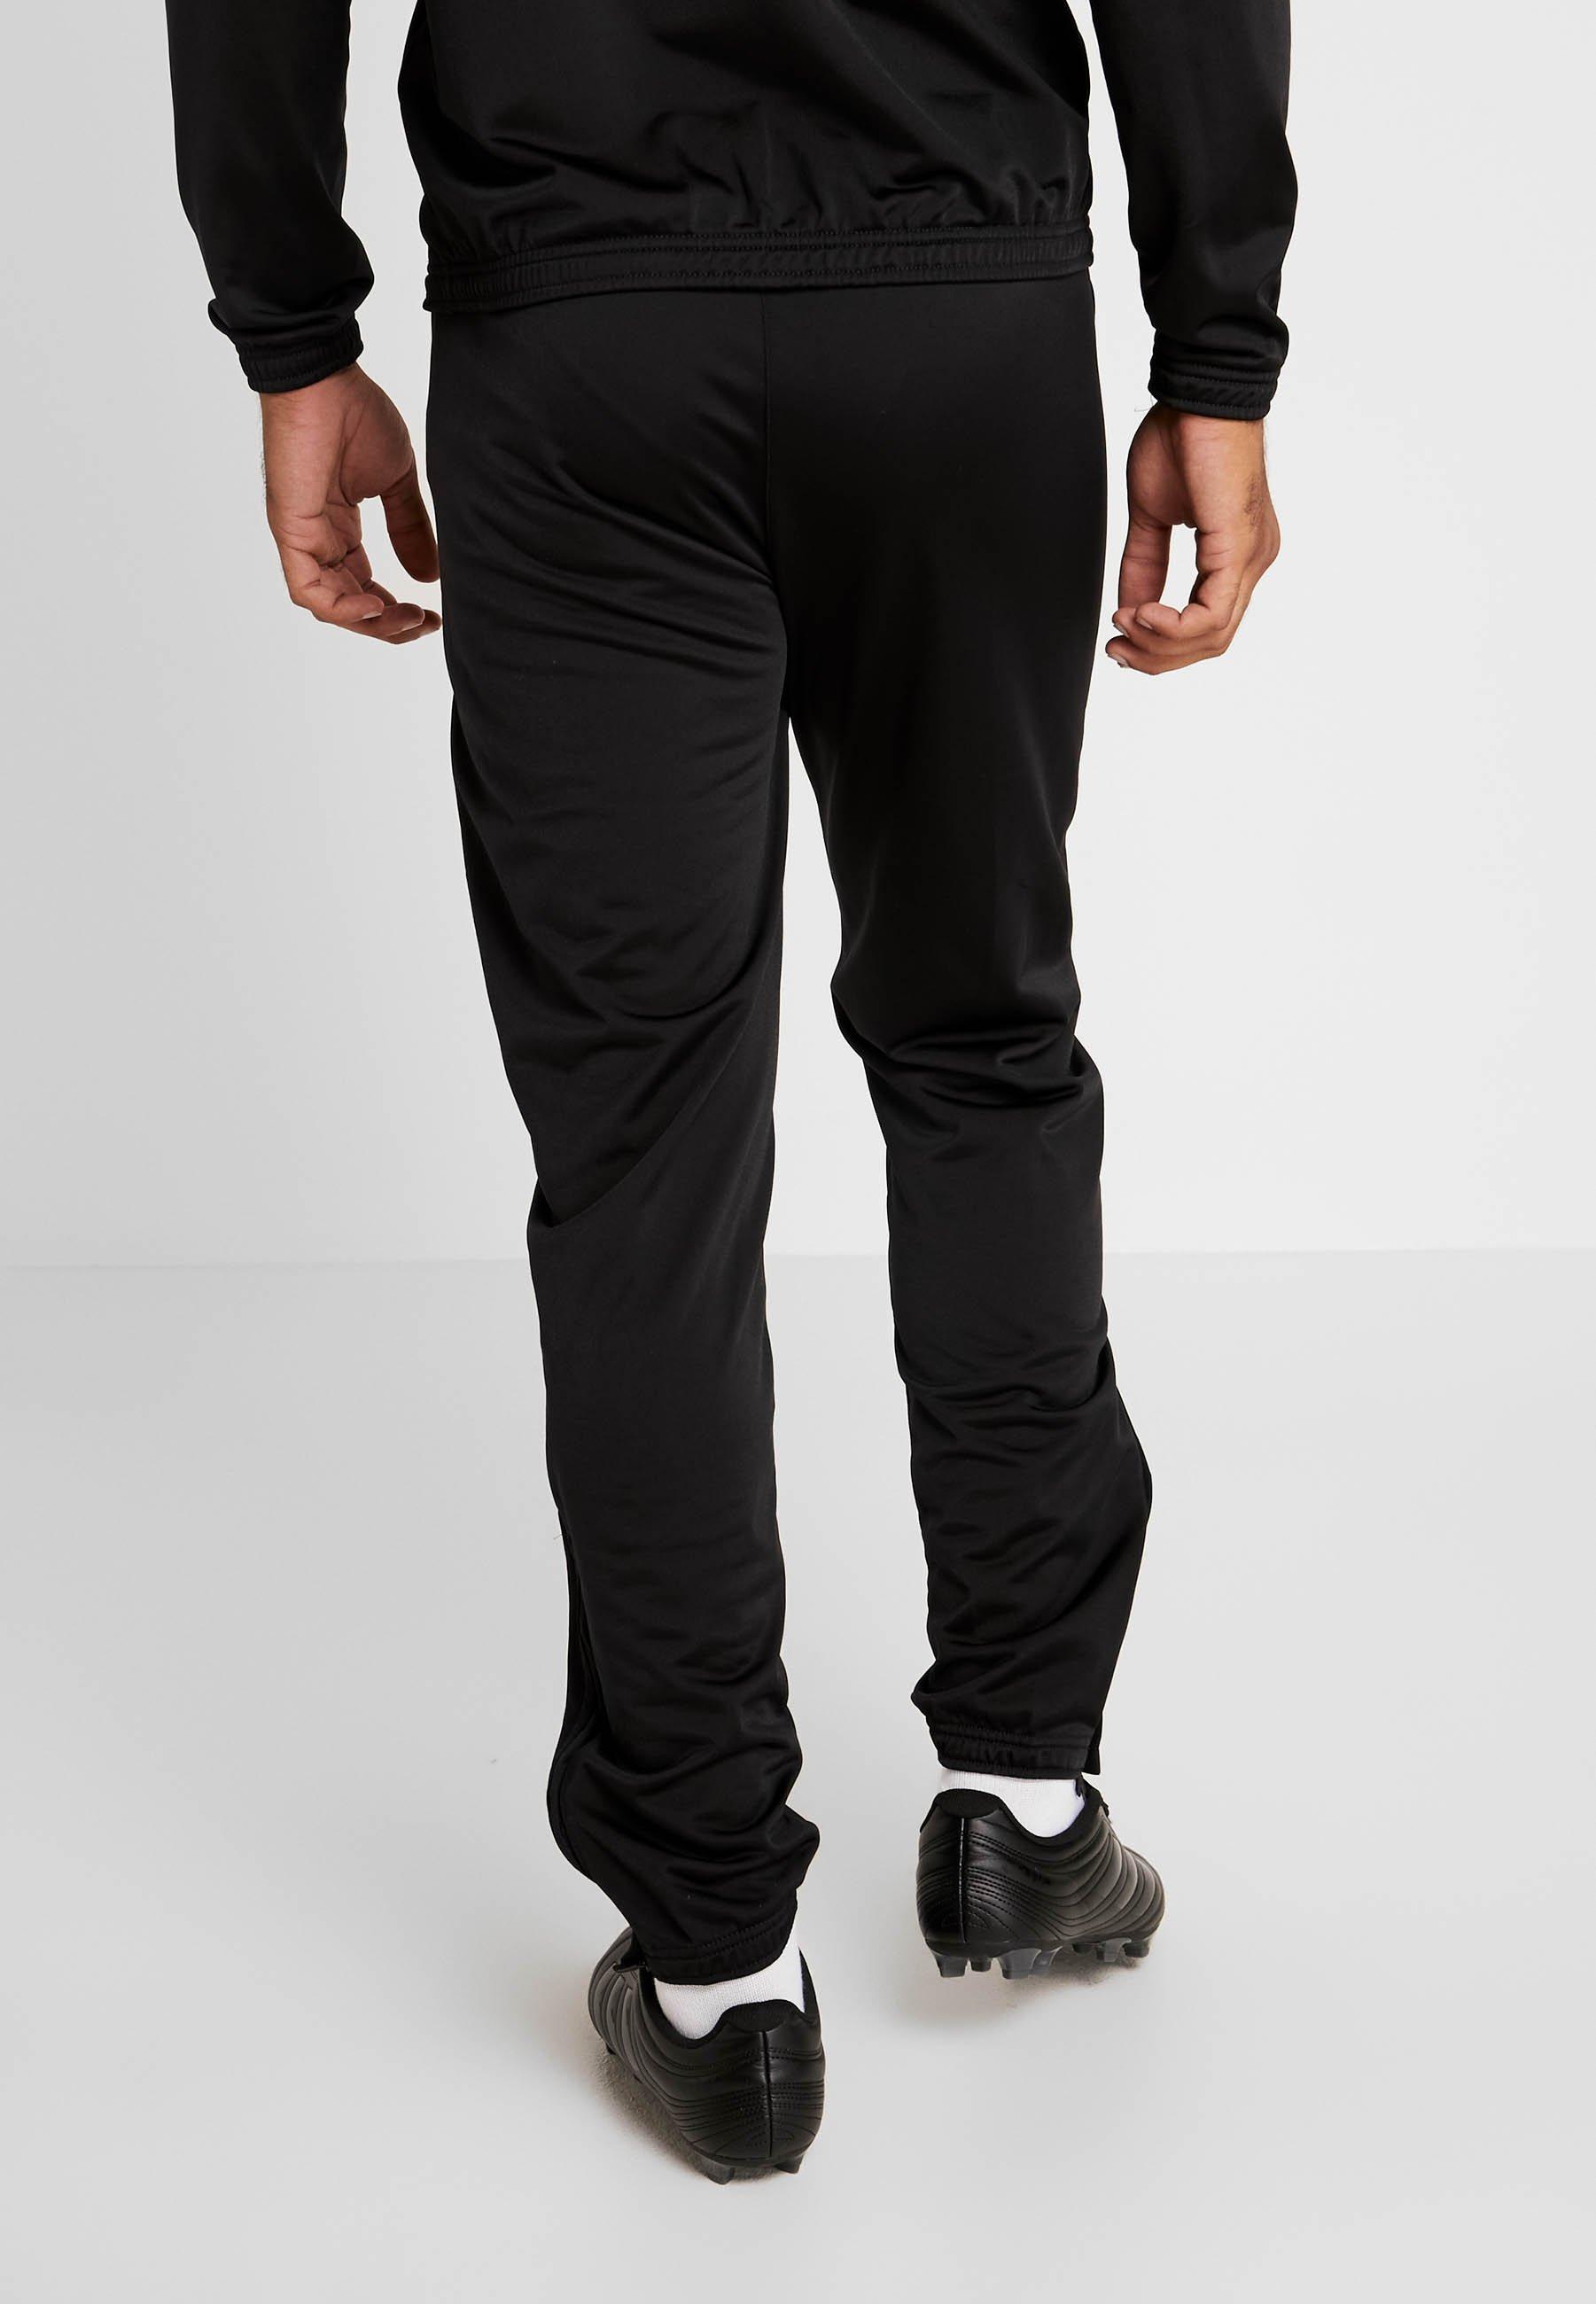 Bug Suit Umbro SetSurvêtement Black Bremen june Werder 4L5jq3cAR